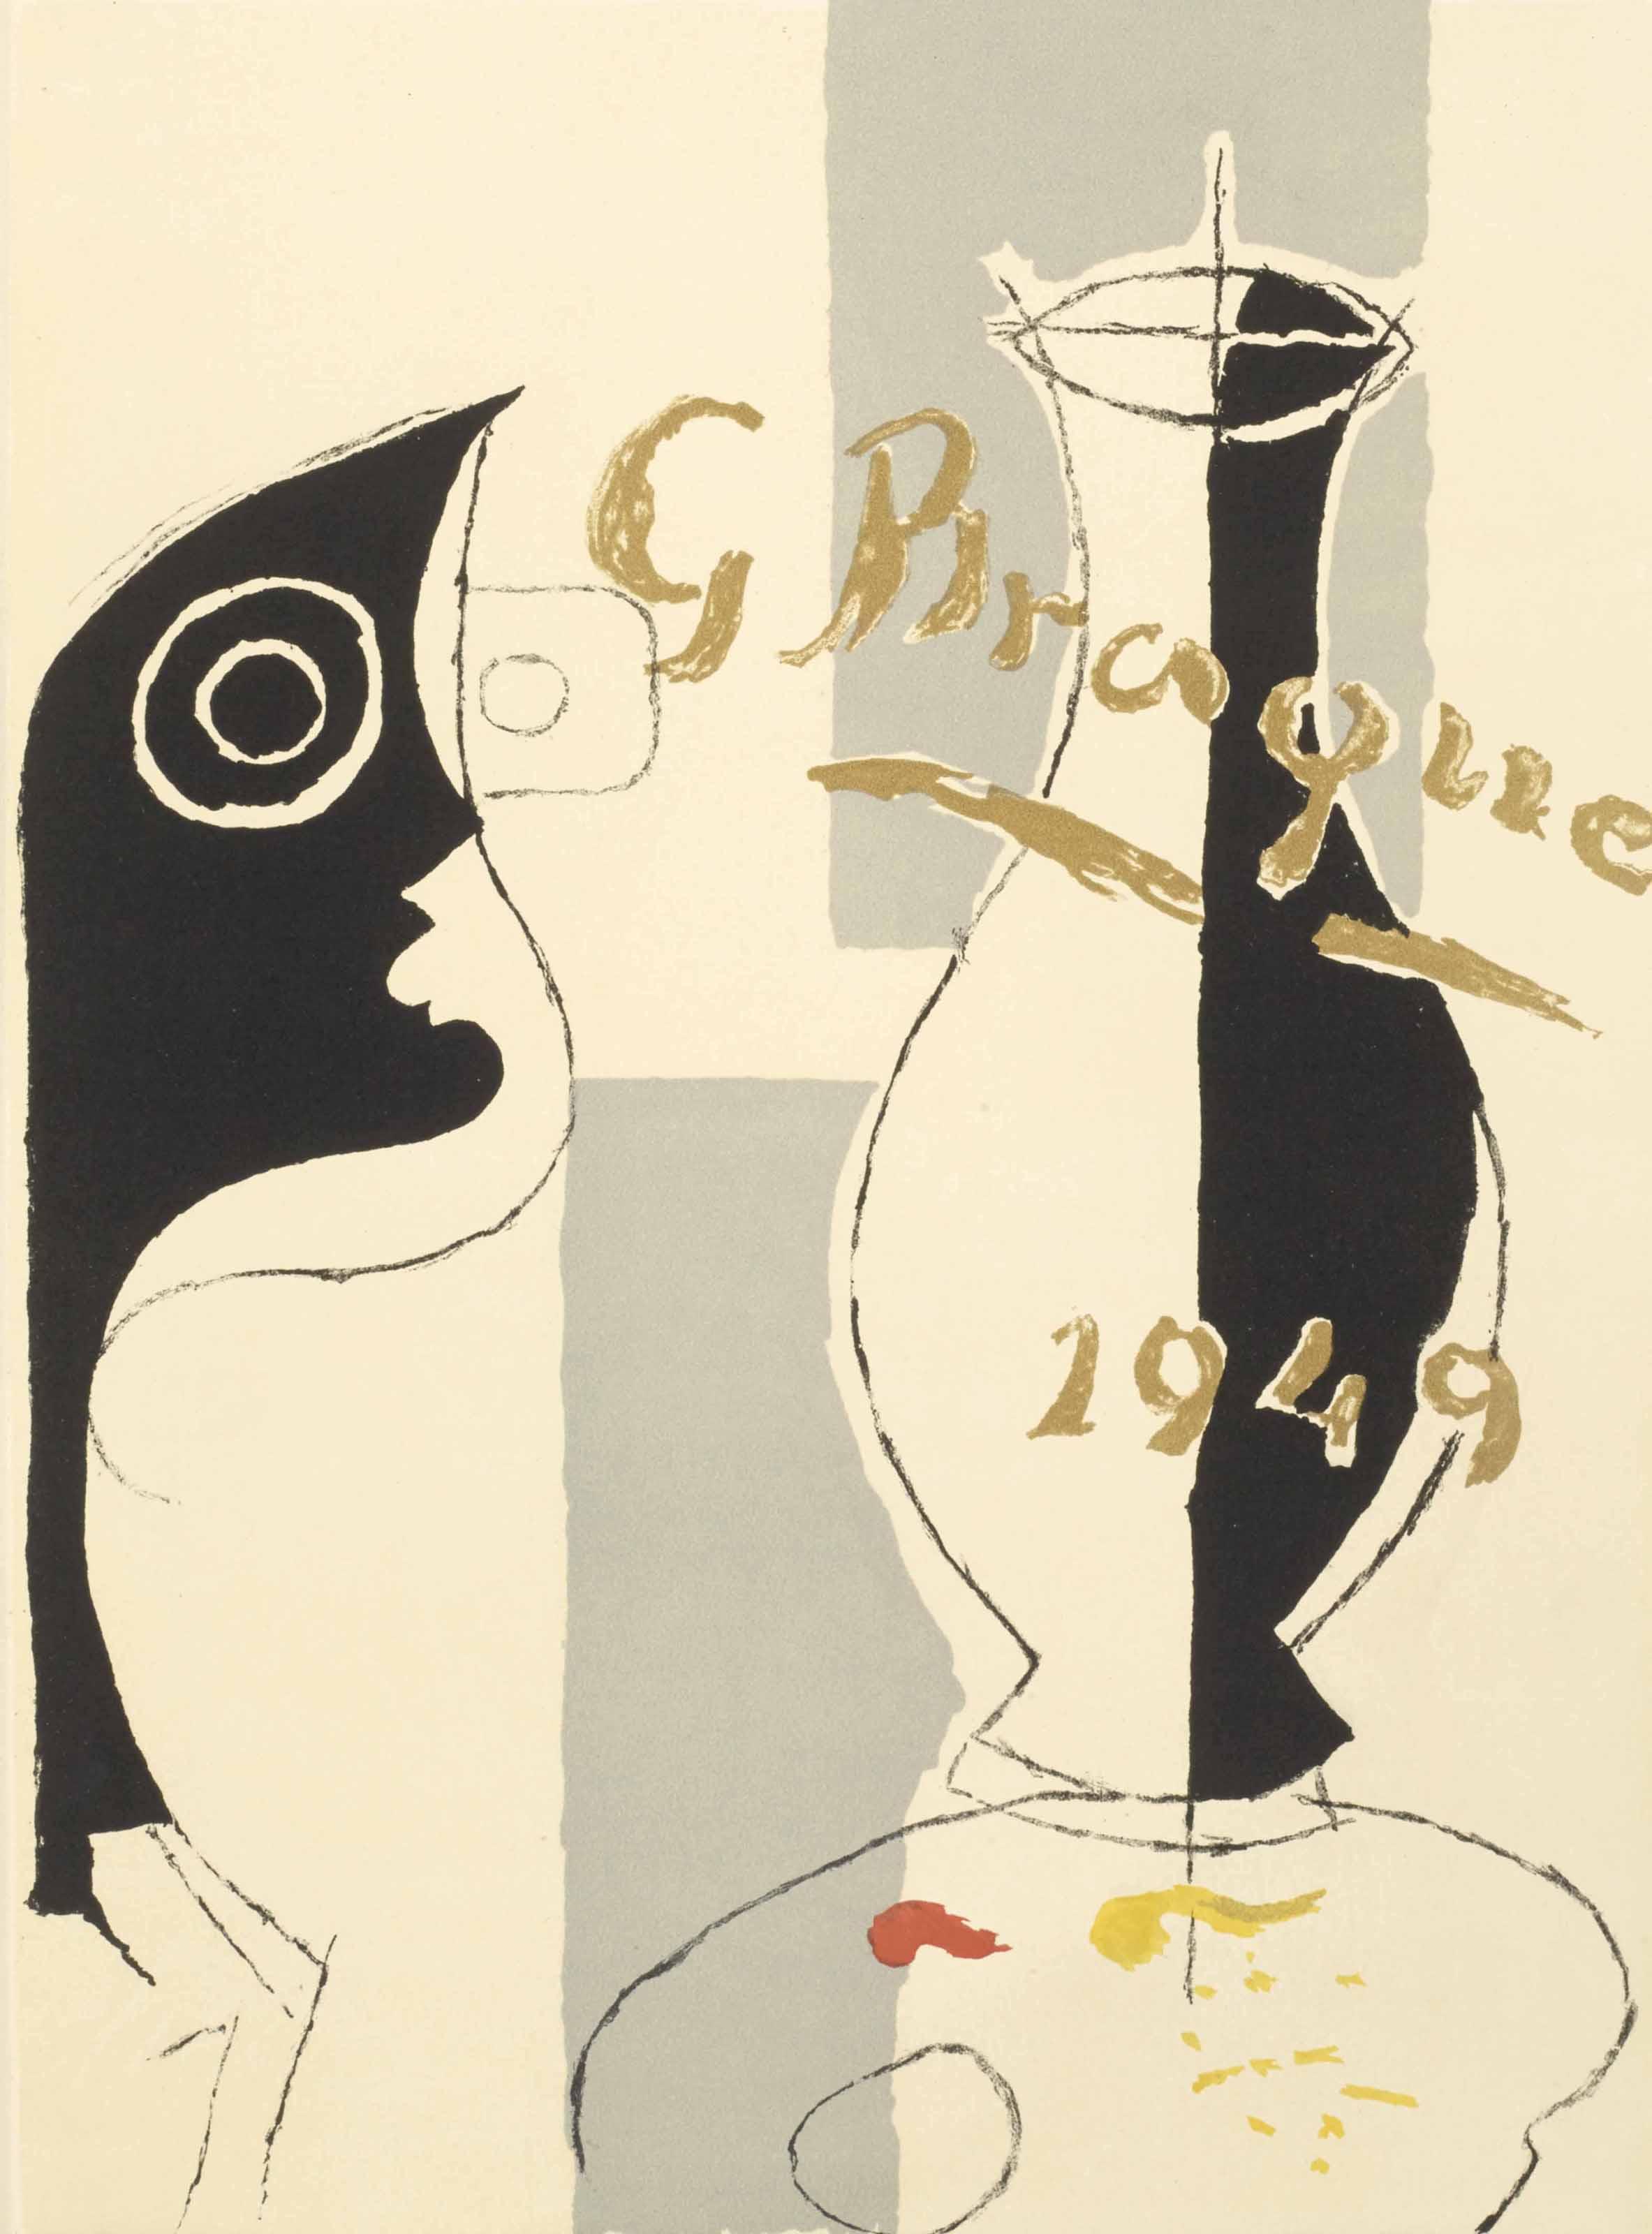 [BRAQUE, Georges] REVERDY, Pierre. Une Aventure méthodique. Paris: Fernand Mourlot, 1949.